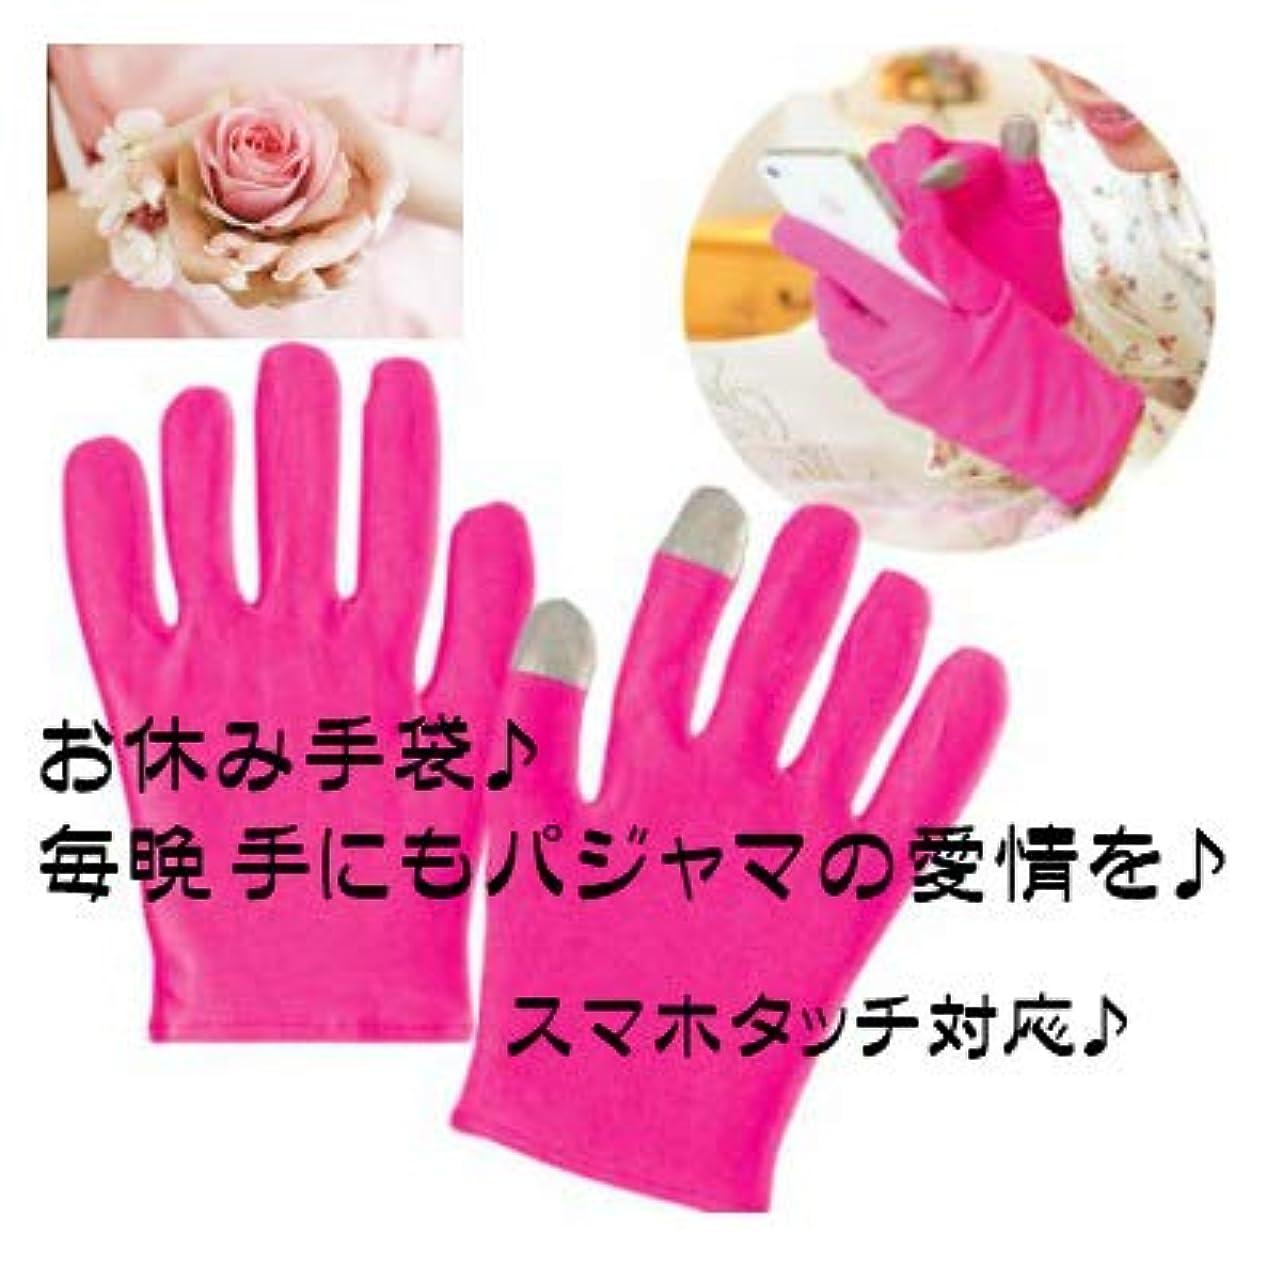 もっと少なく補助壁紙美容ハンドケア手袋 就寝手袋 スマホタッチ対応 おやすみ手袋保湿手袋